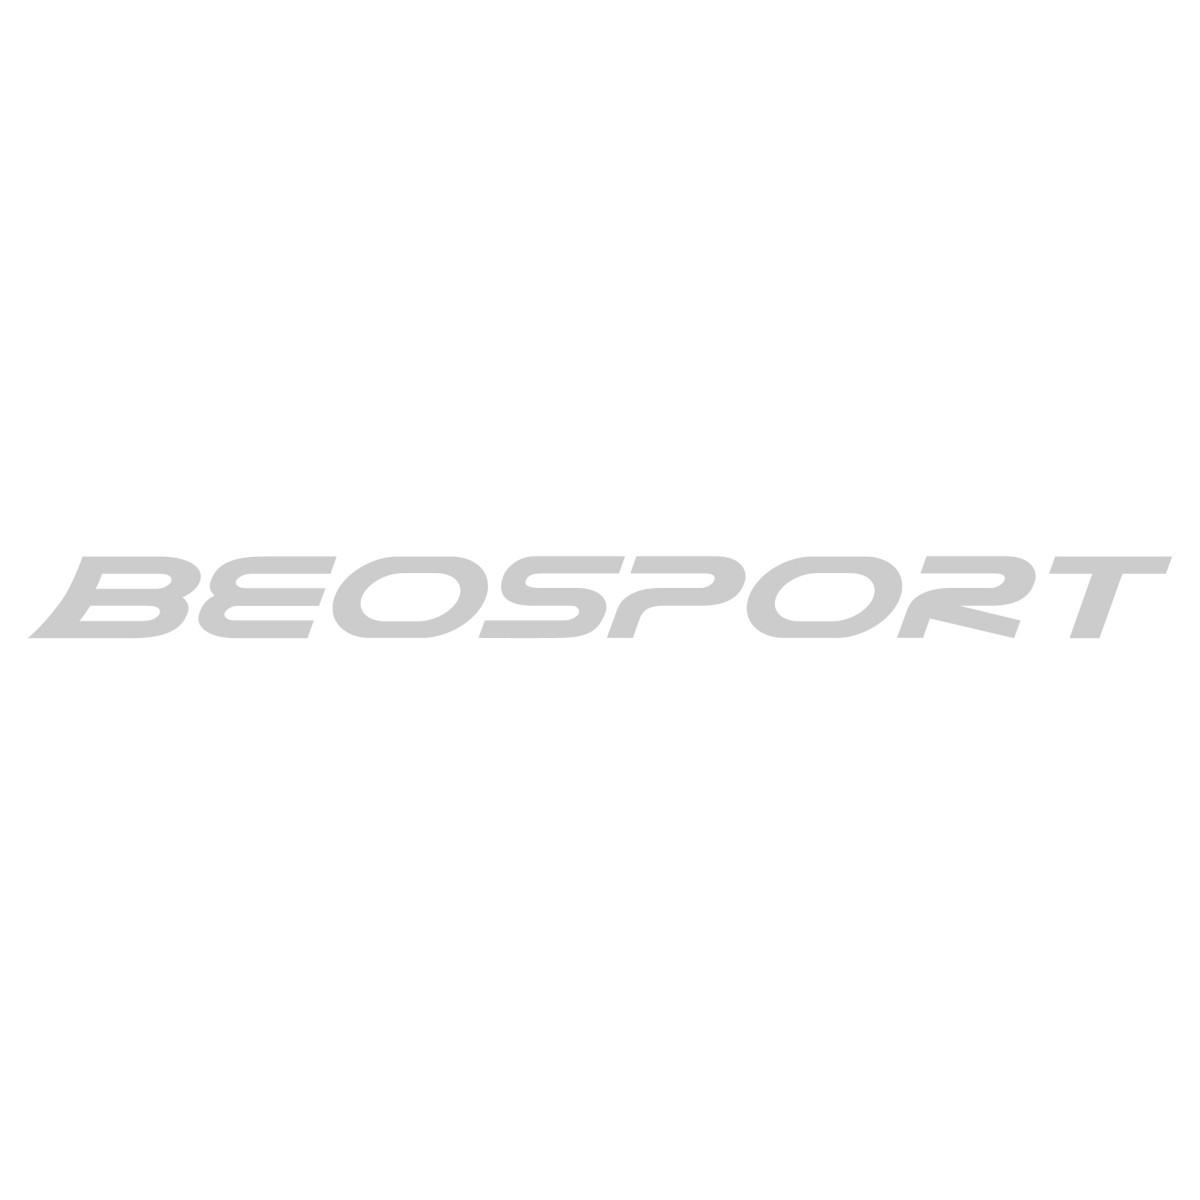 Shred Nastify Shrasta naočare